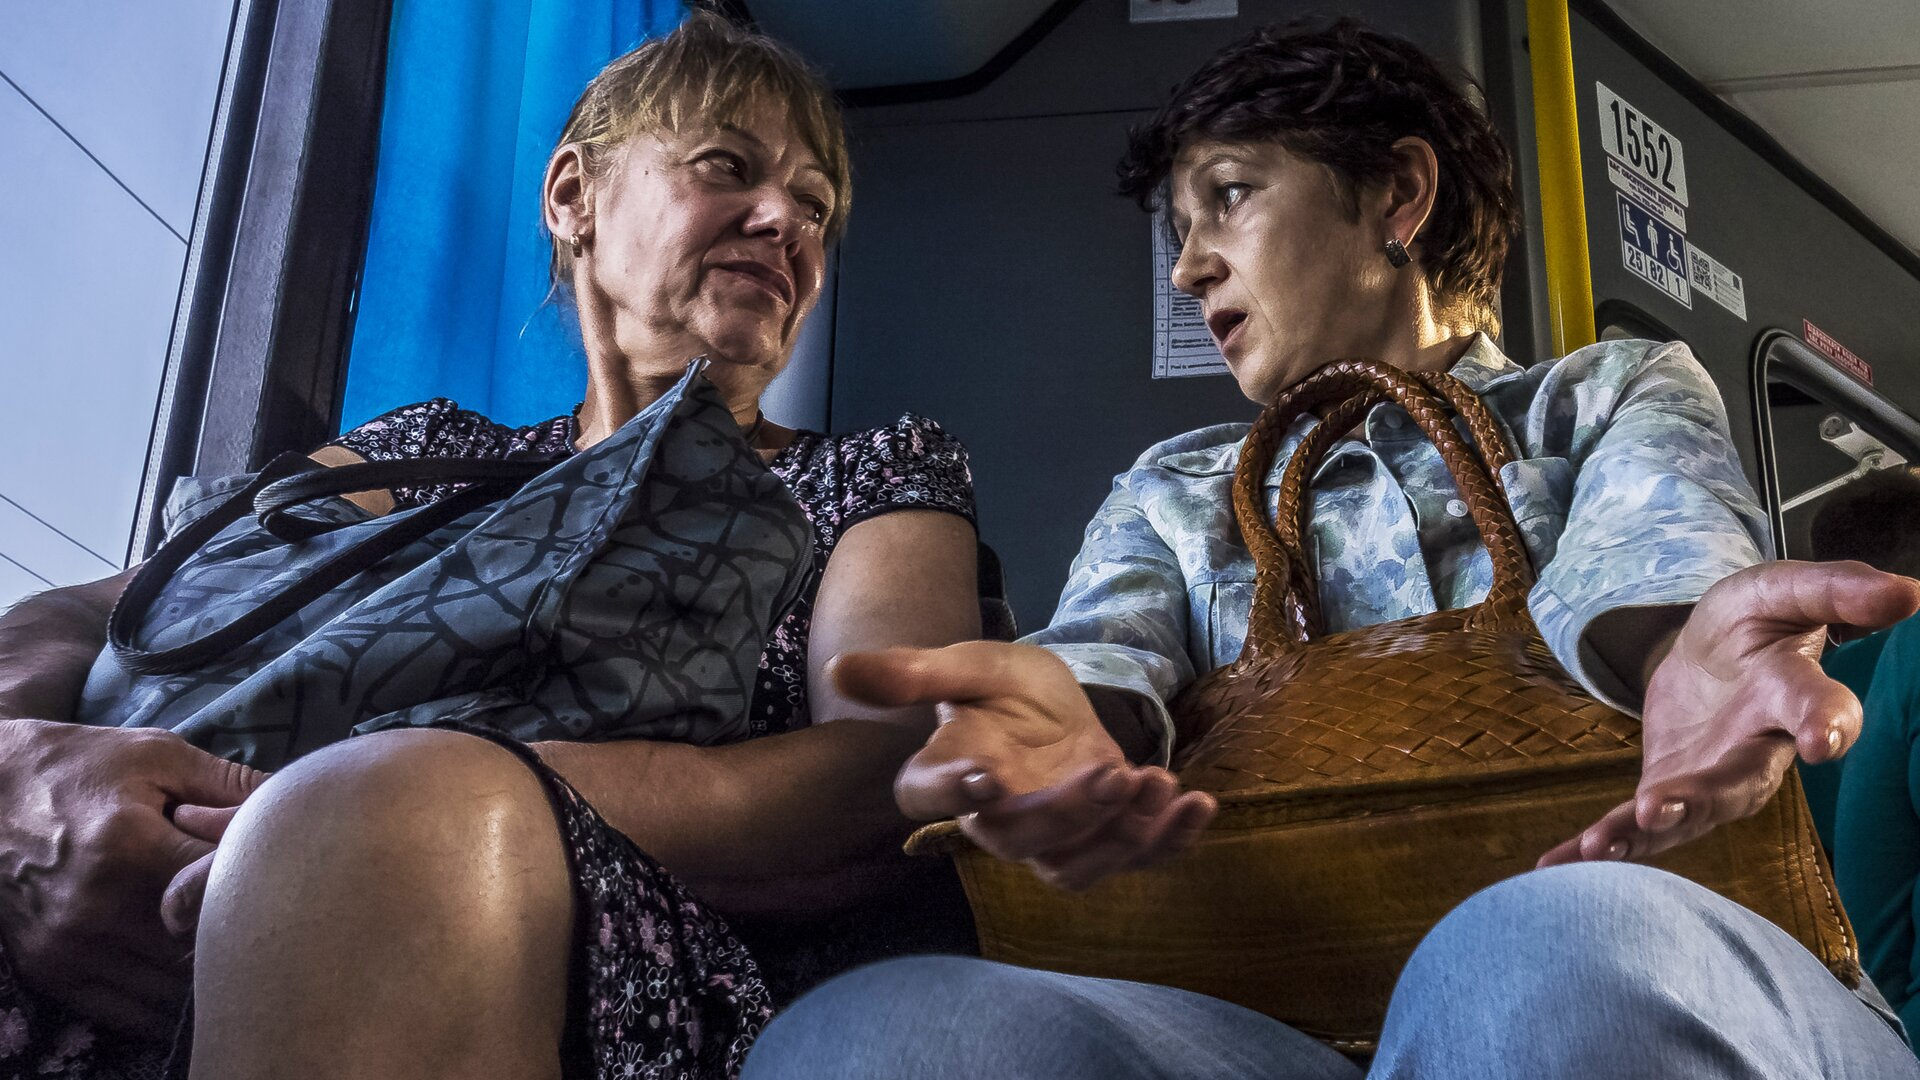 Zdjęcie przedstawia dwie kobiety, które ze sobą rozmawiają wautobusie. Obydwie trzymają na kolanach torebki. Jedna zkobiet ma otwarte usta igestykuluje. Druga słucha jej uważnie.